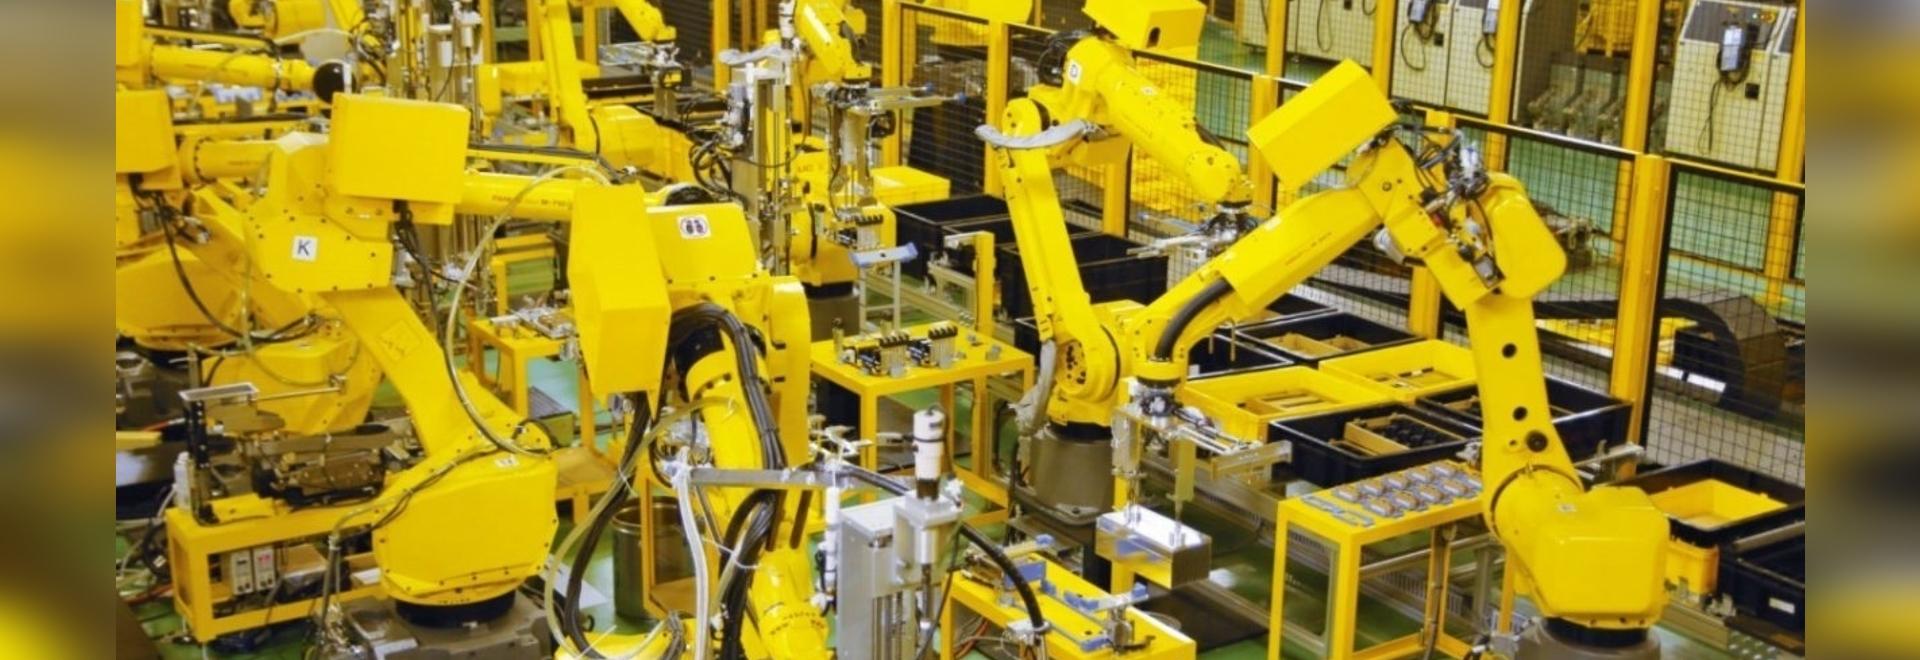 Japanische Industrie: 2021 und darüber hinaus